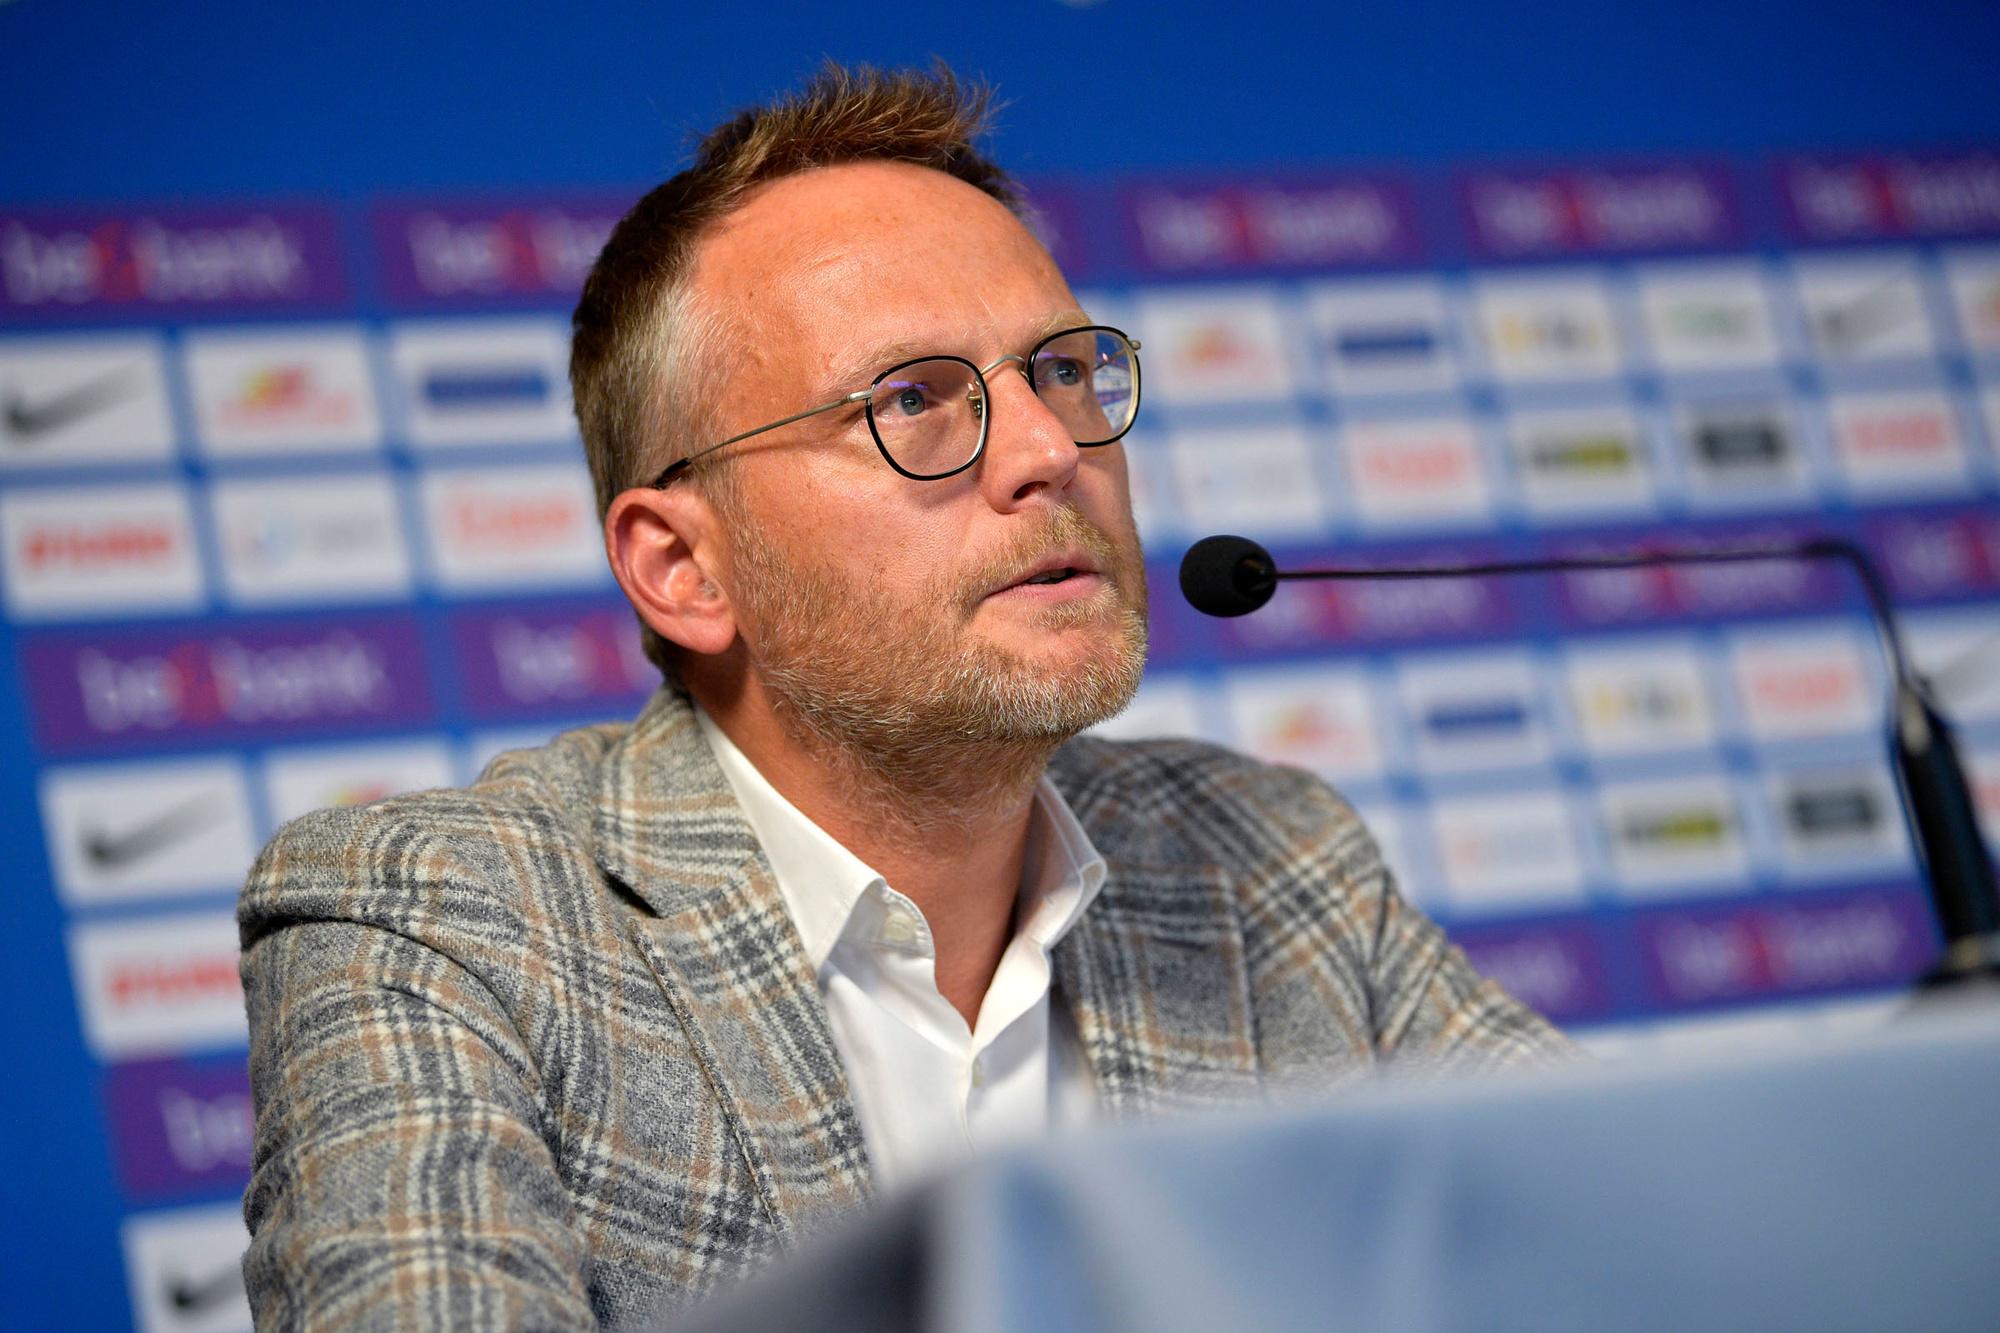 Pro Leaguevoorzitter Peter Croonen, Belga Image